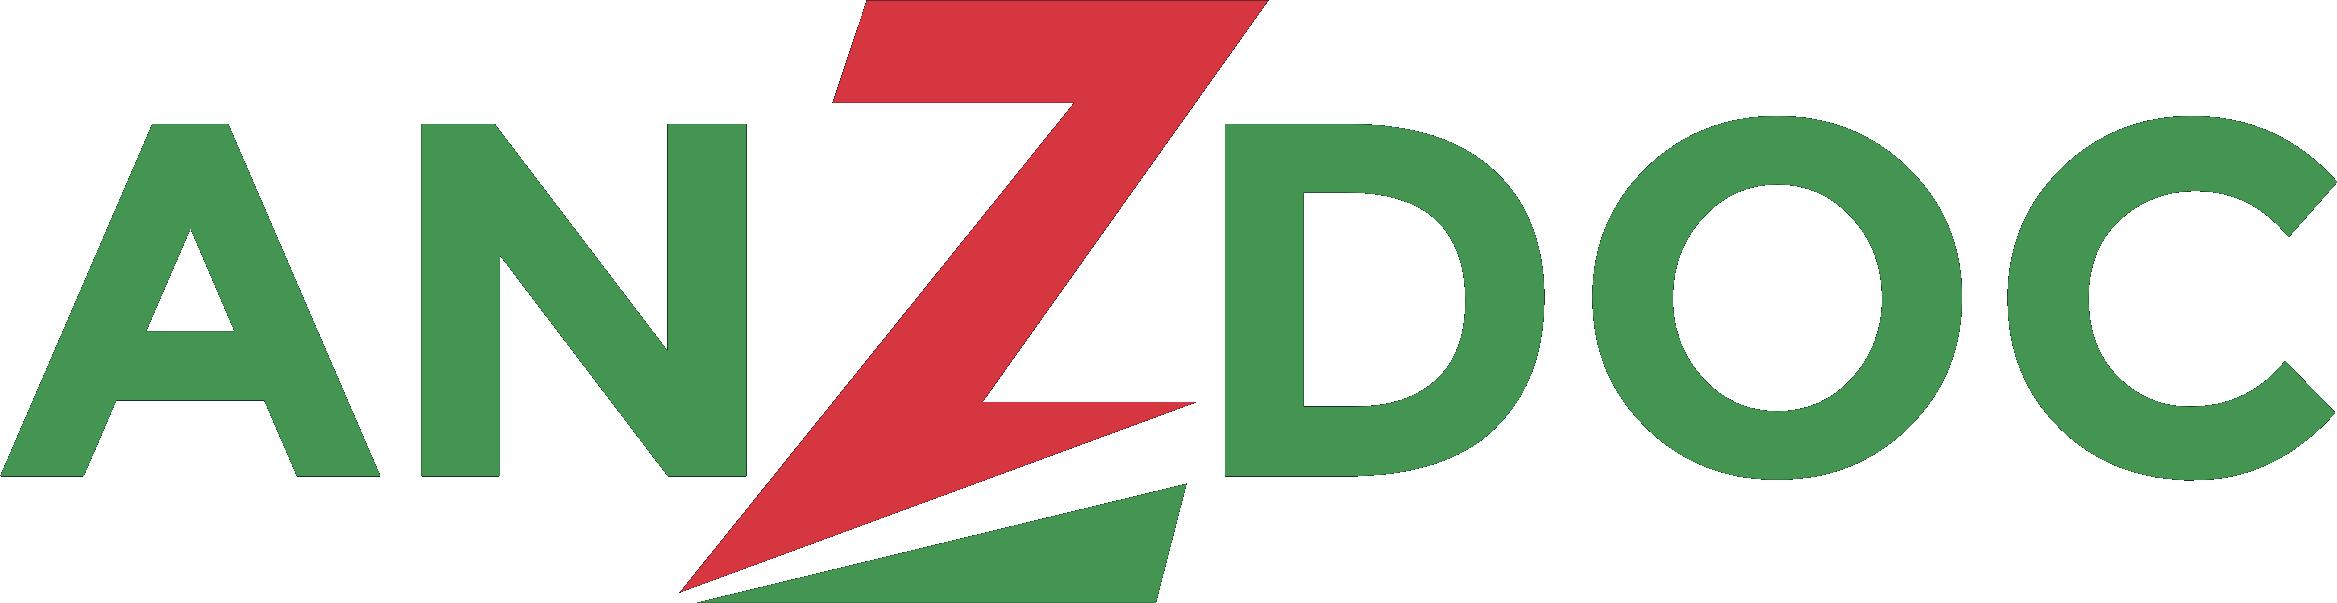 Tevékenység: ENI - ONLINE SZAKNÉVSOR - Magyar Céginformációs Adattár - A Szakmai Tudakozó